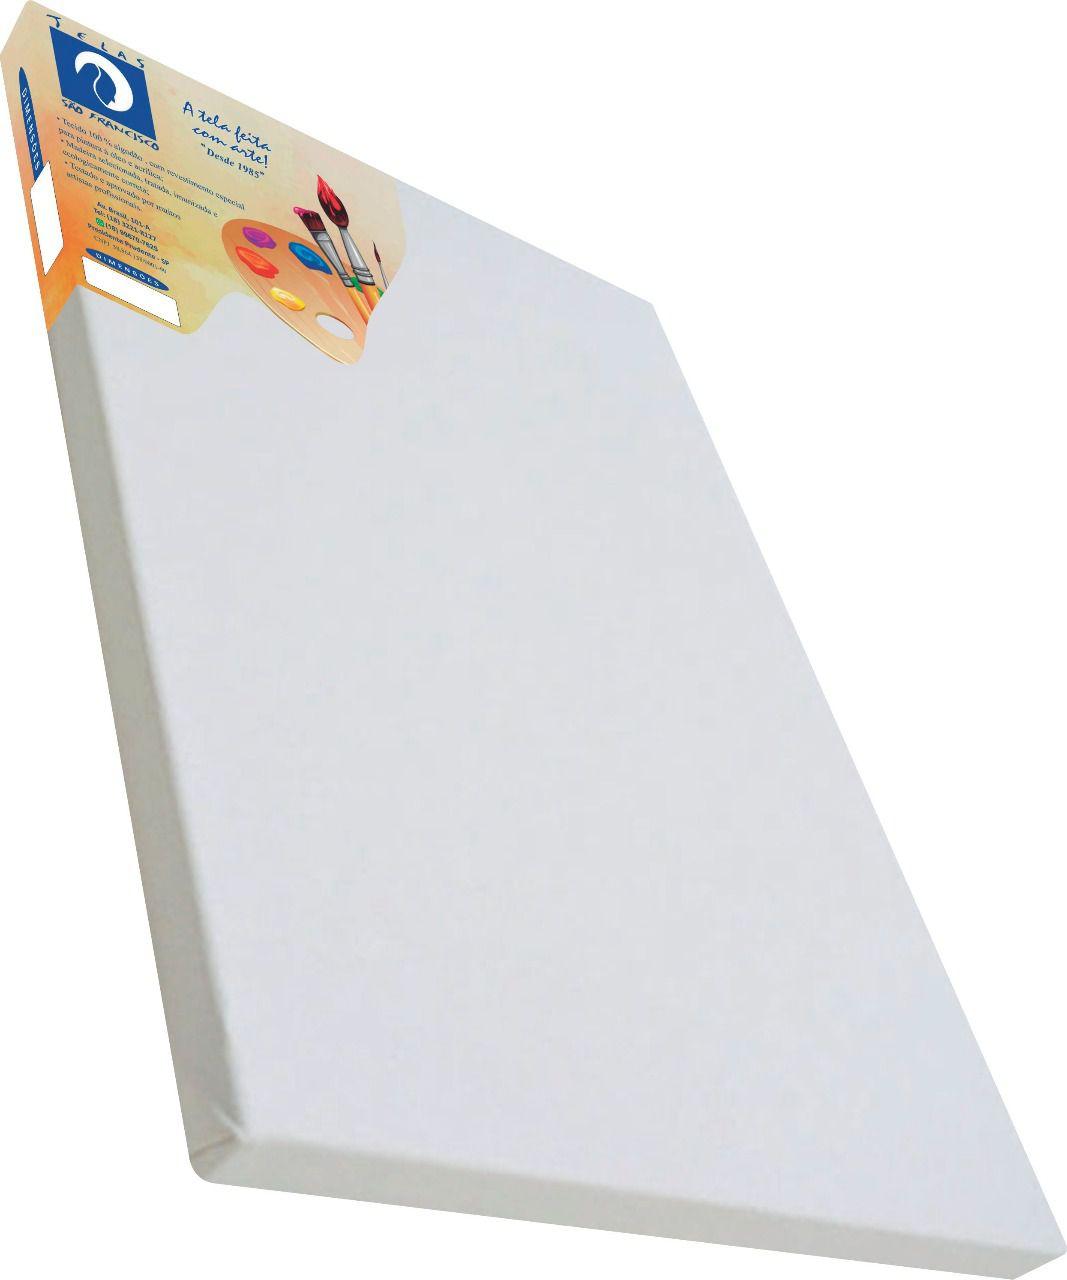 Tela painel para pintura 30x40cm - São Francisco